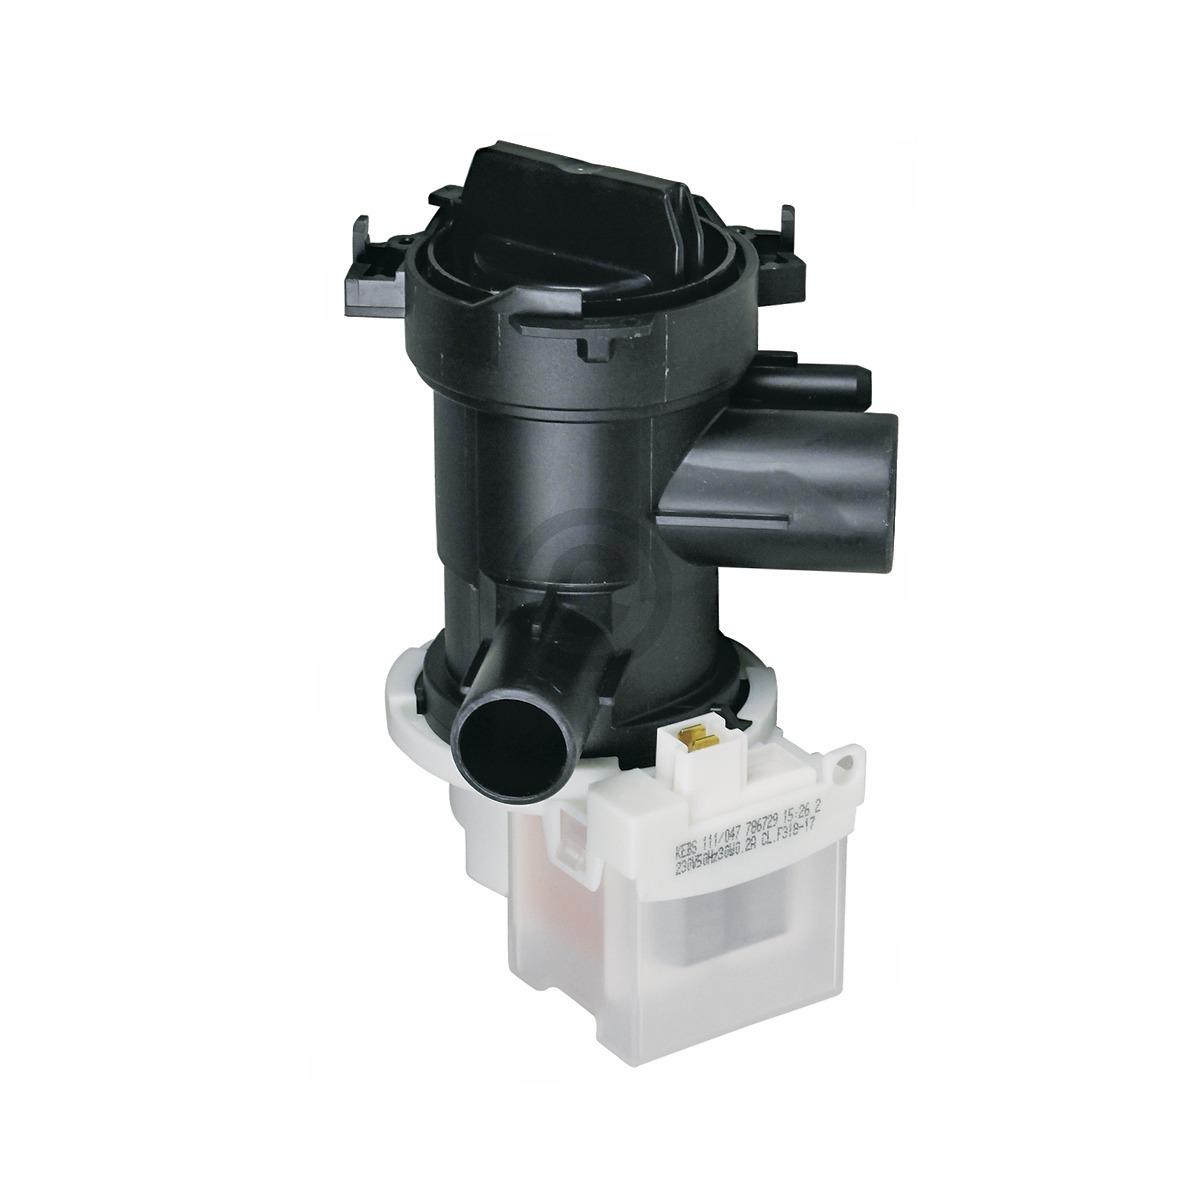 Ablaufpumpe Bosch Siemens 00145212 Copreci Mit Pumpenkopf Und Sieb Alternative Fur Waschmaschine